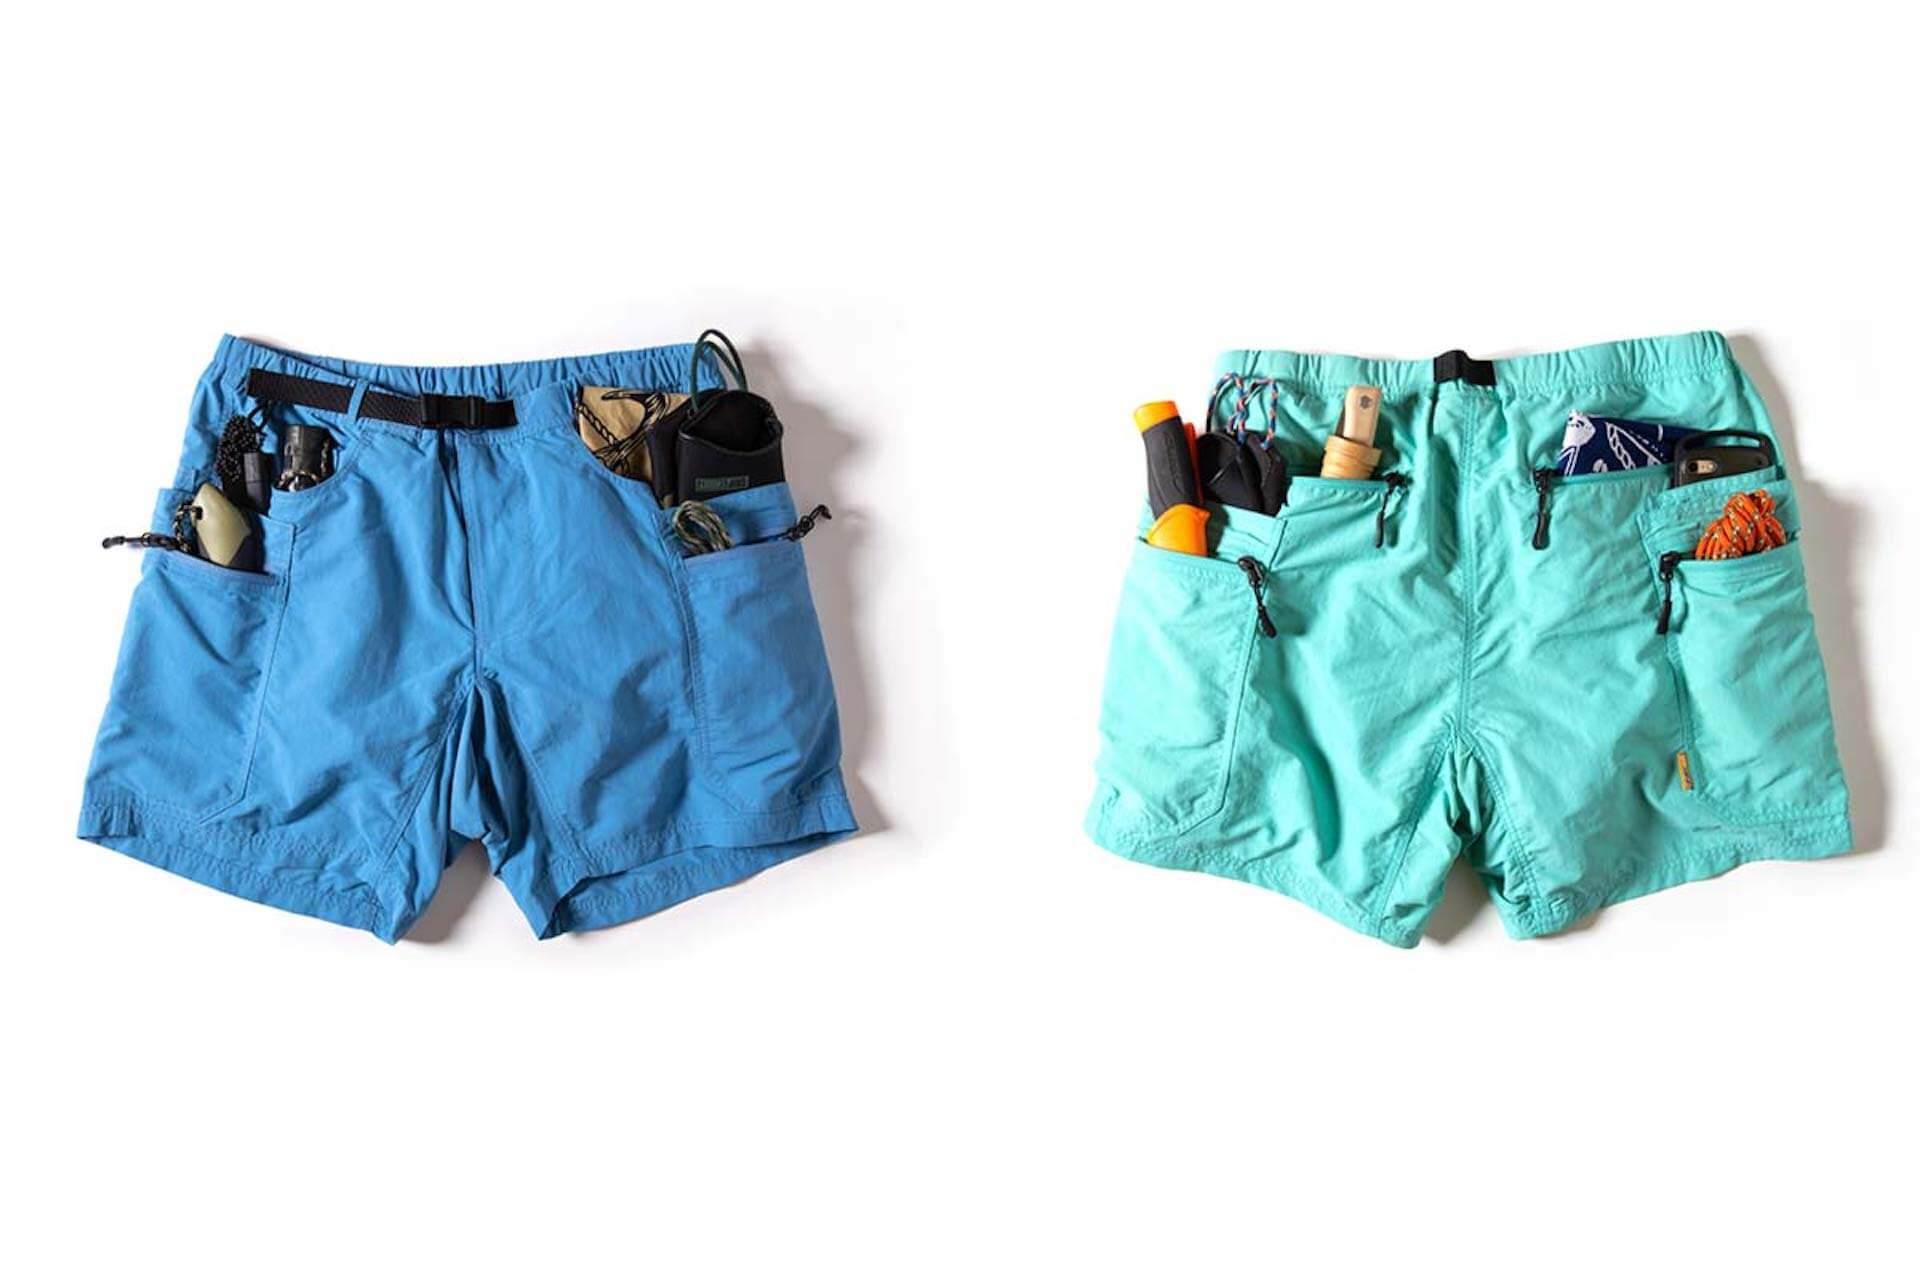 夏ファッション・コーデの必需品!アウトドアからタウンユースまで活躍するメンズ・ショートパンツ特集 life200730_jeep_shorts_13